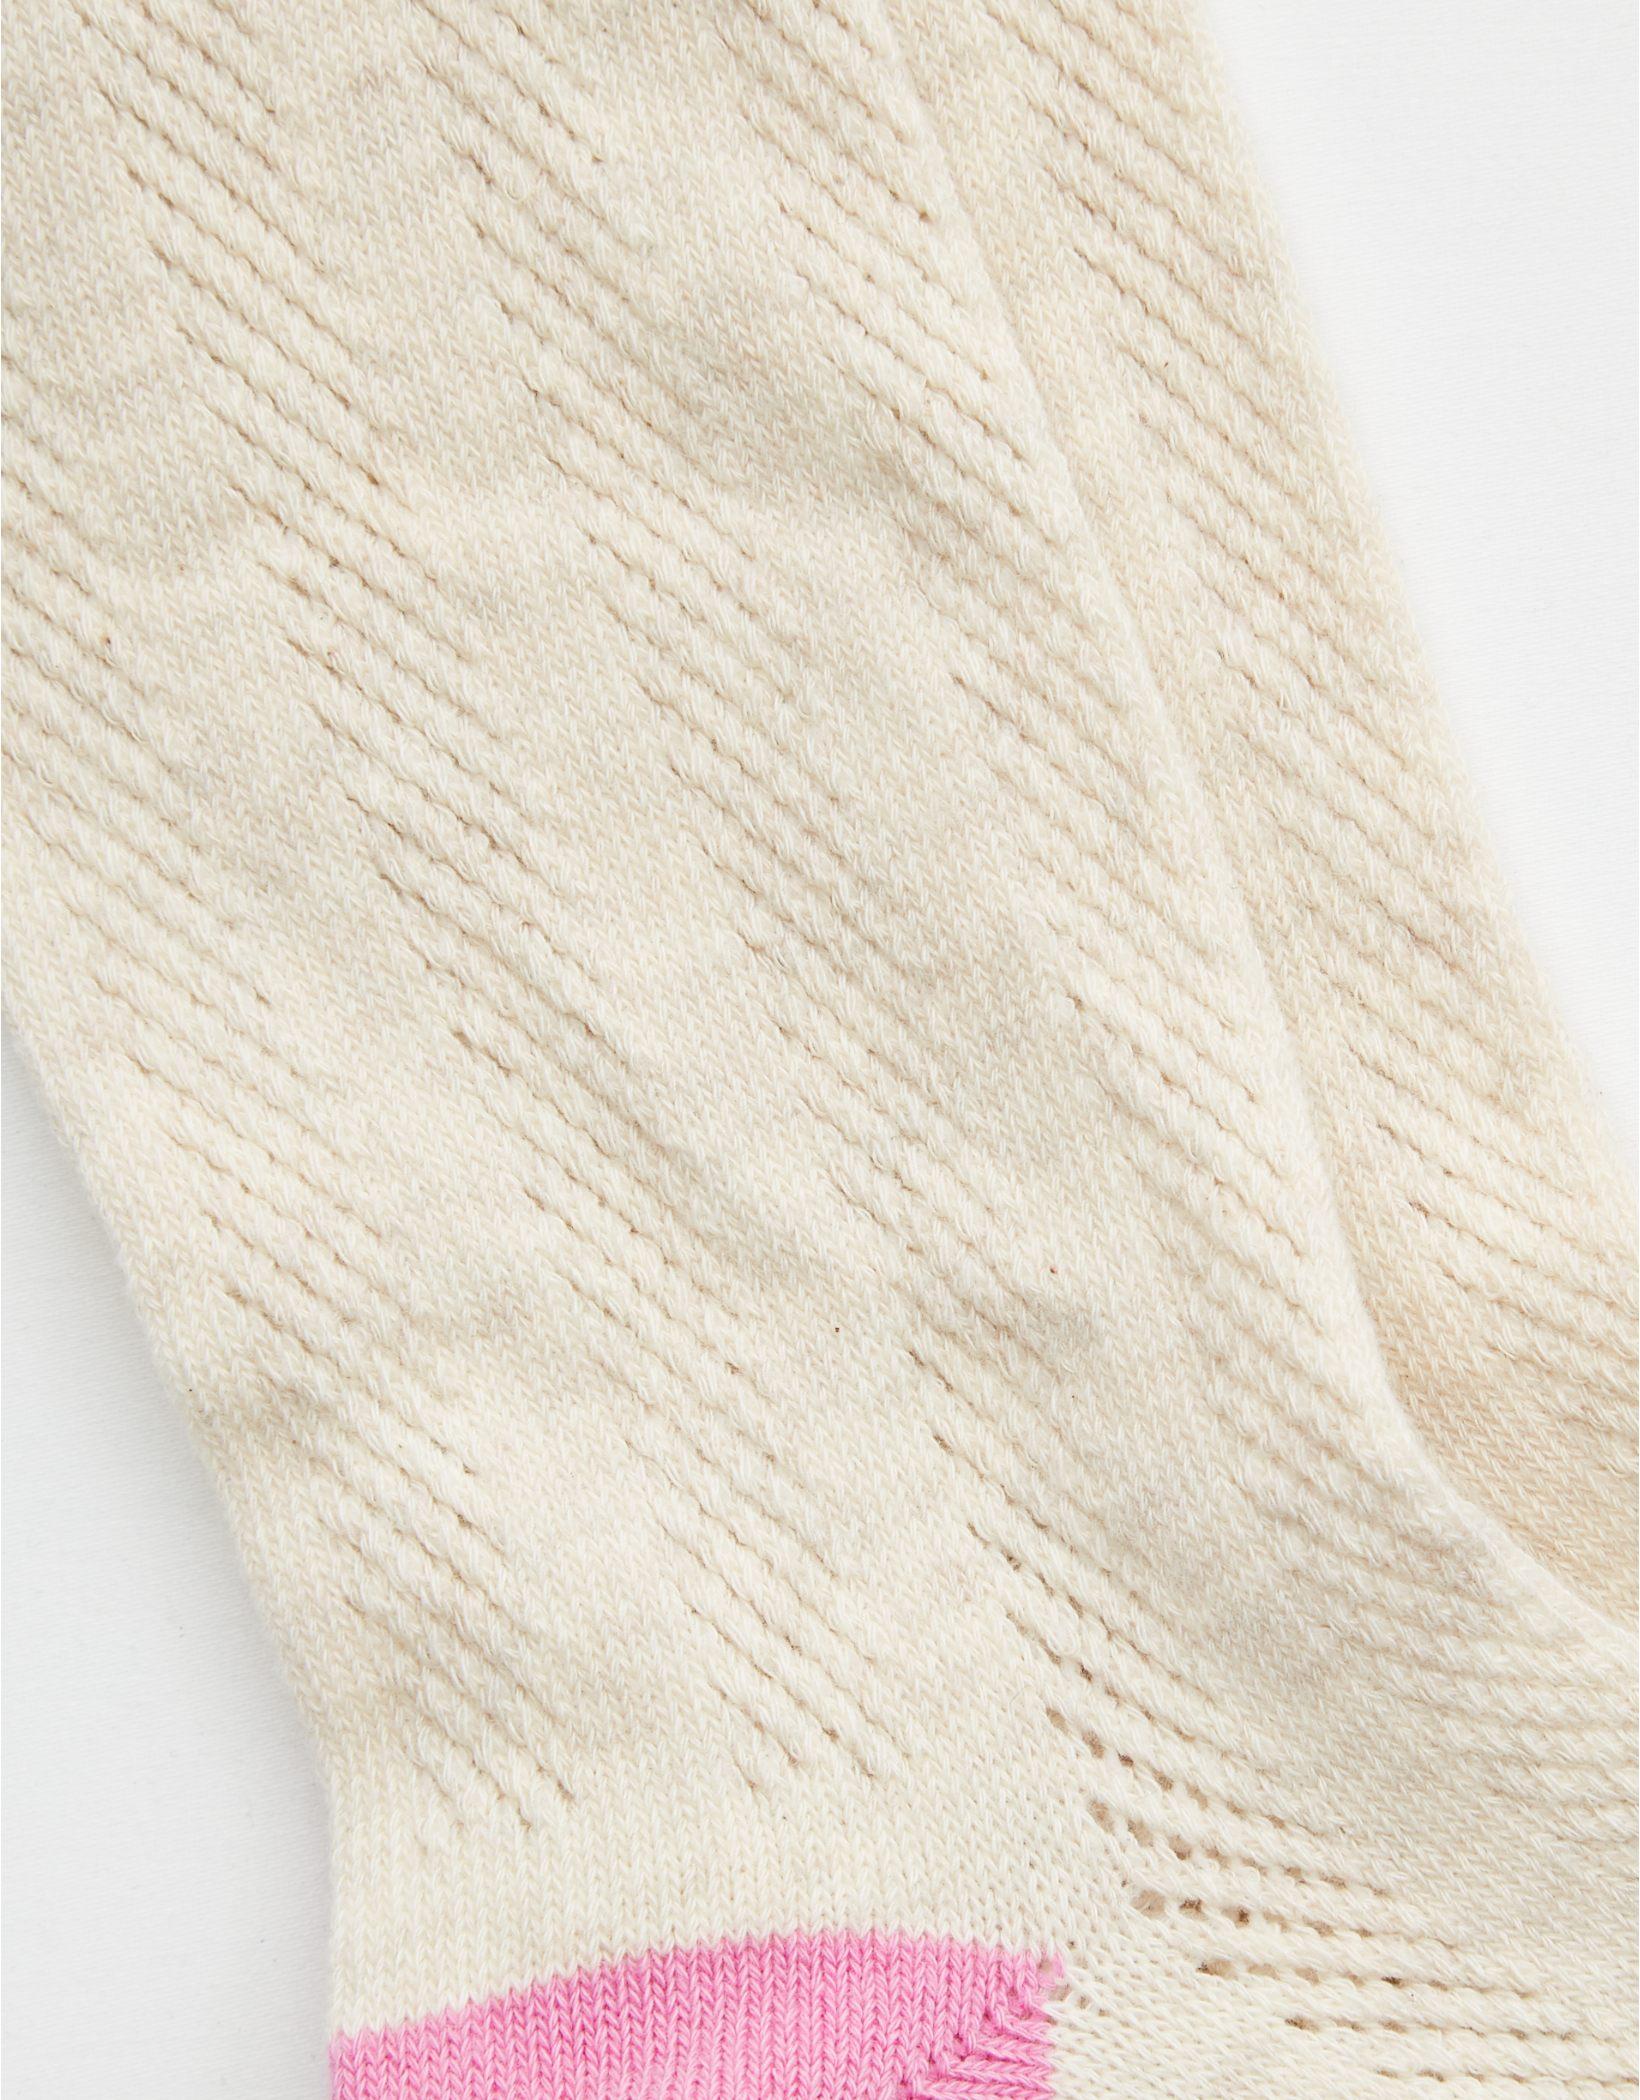 Aerie Pointelle Heathered Crew Socks